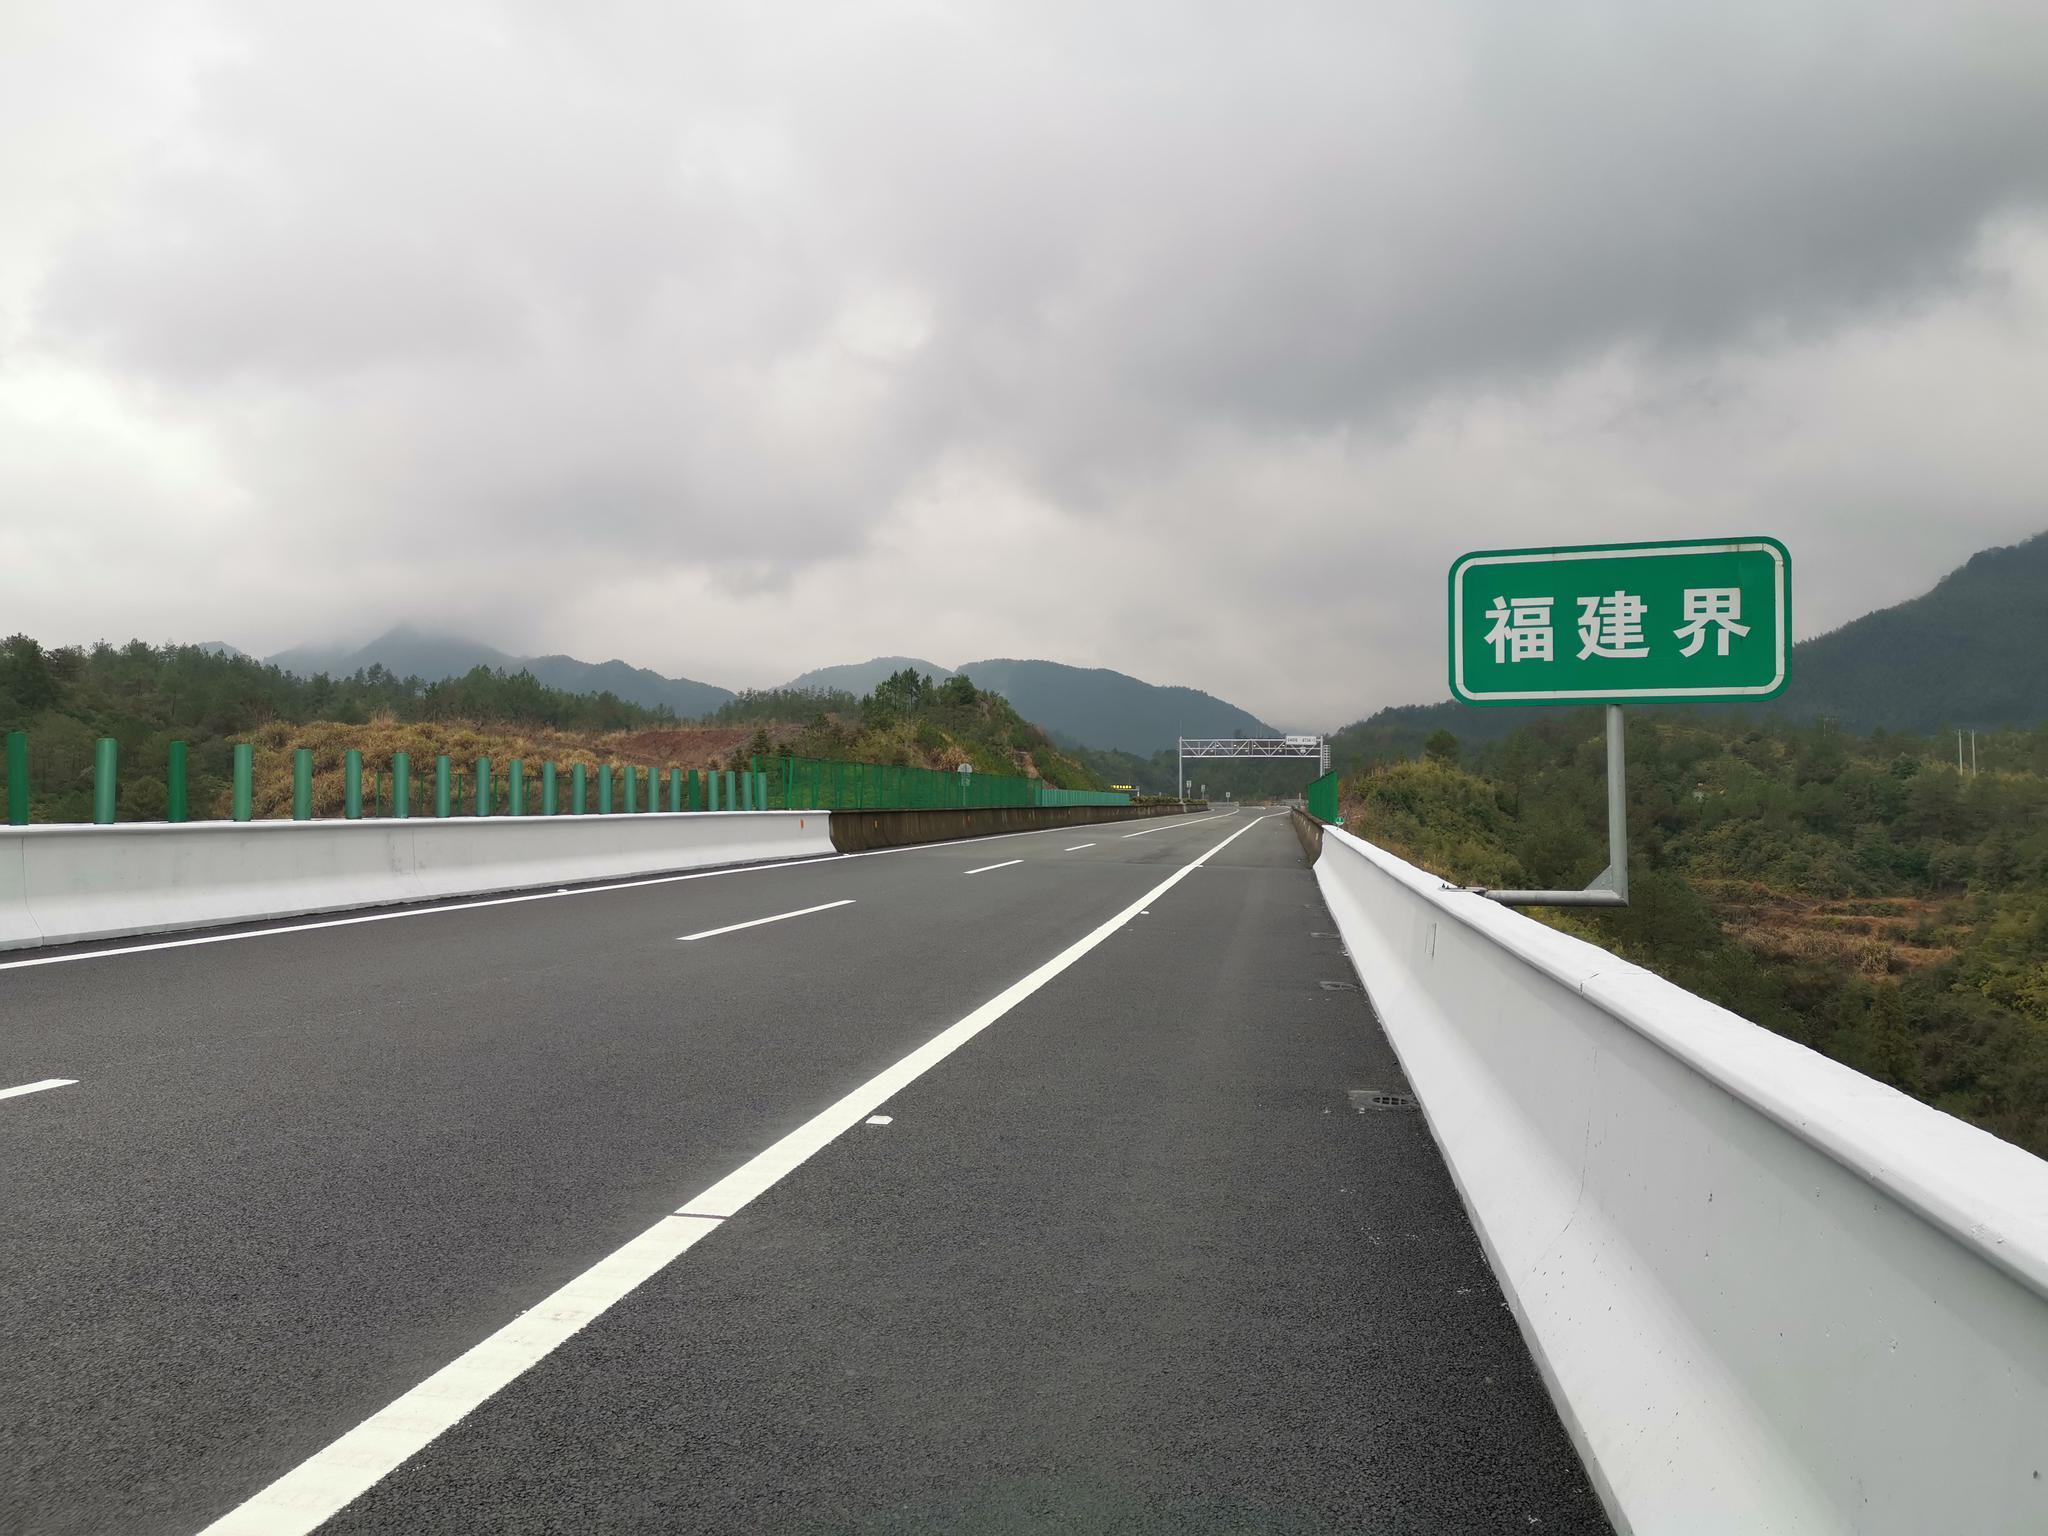 文泰先行段打通了与福建的最后一条省际高速断头路。澎湃新闻记者 杨亚东 图